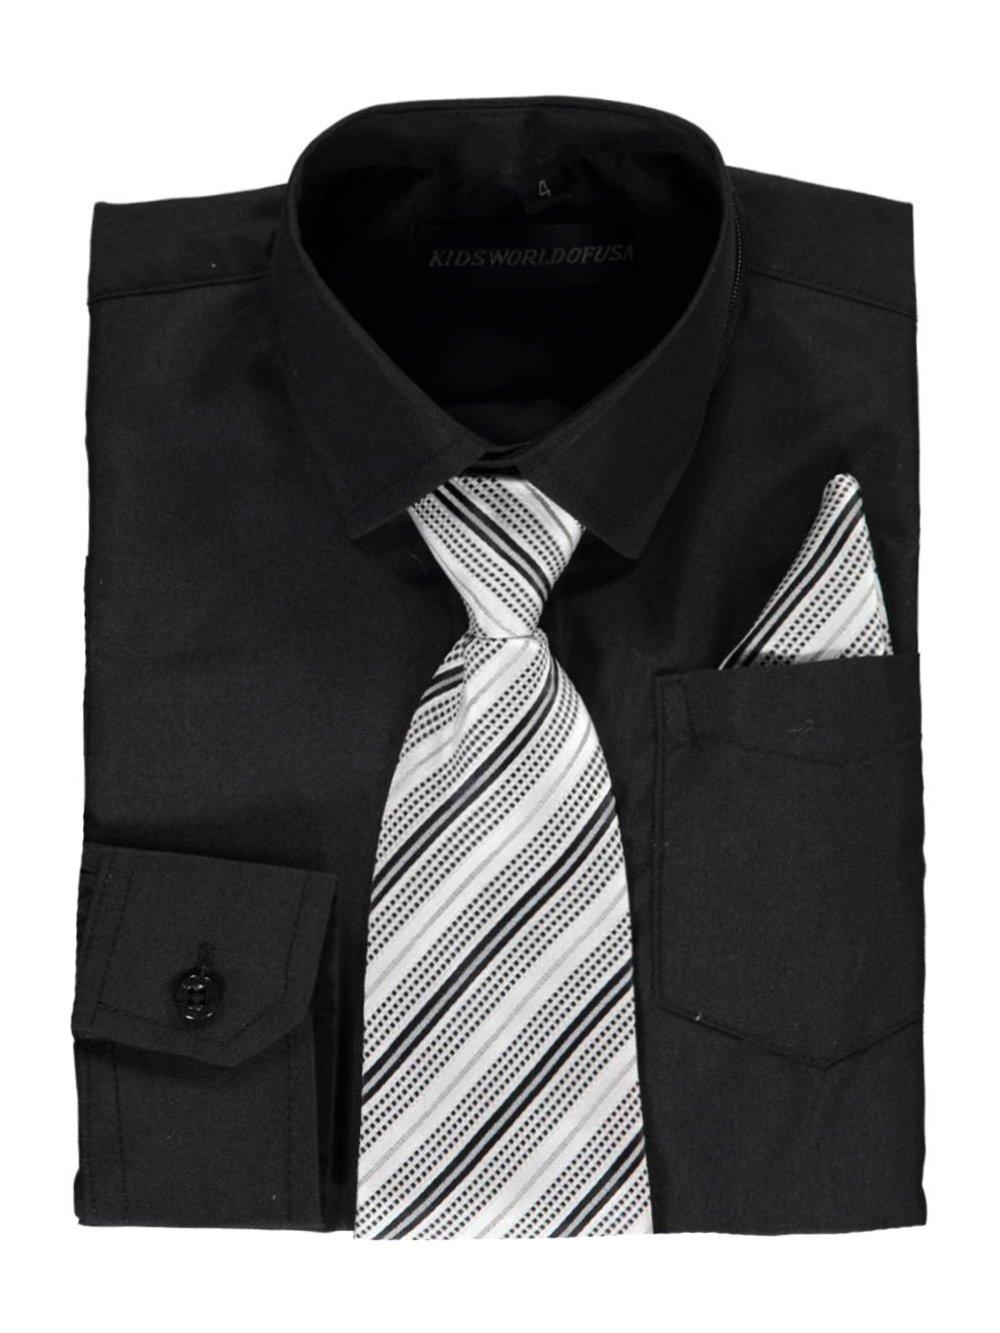 Kids World Little Boys Dress Shirt With Accessories 1541759435